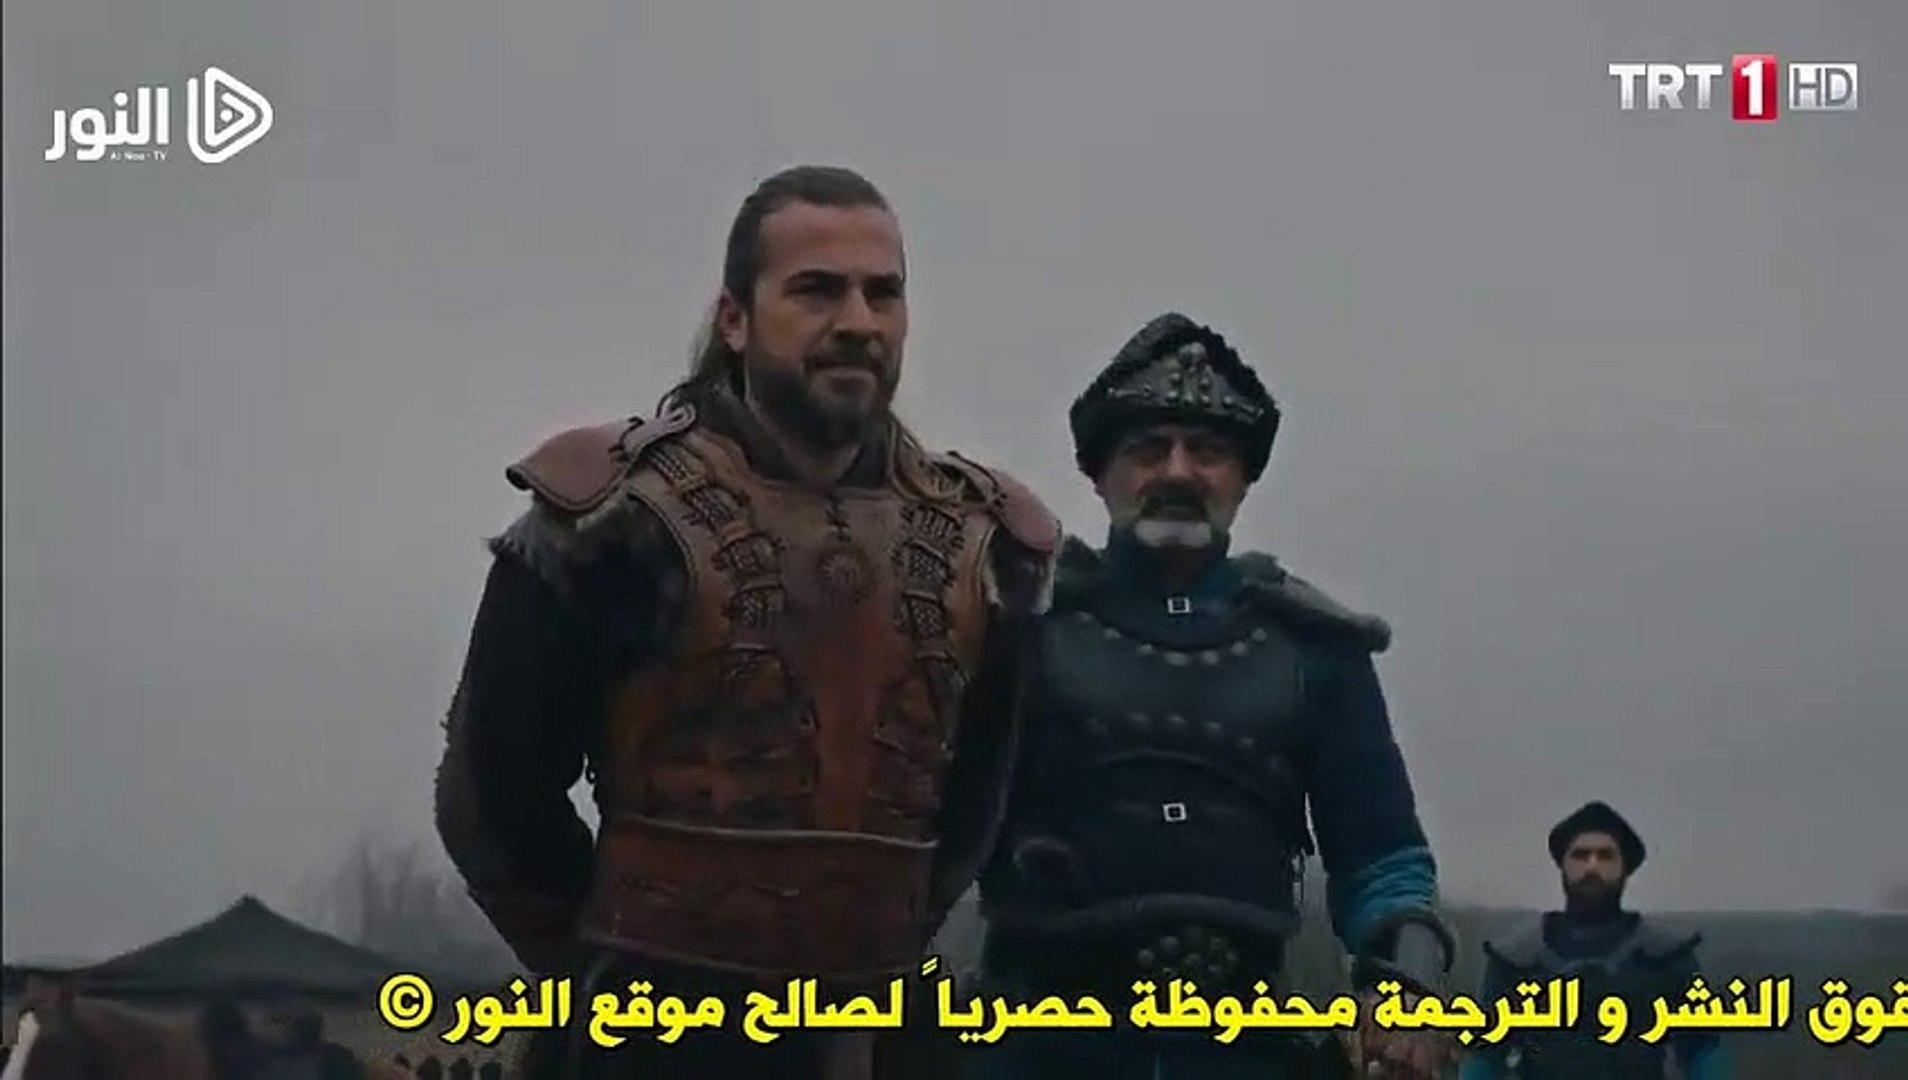 مسلسل قيامة أرطغرل الجزء الرابع الحلقة 108 كاملة القسم 3 مترجمة للعربية